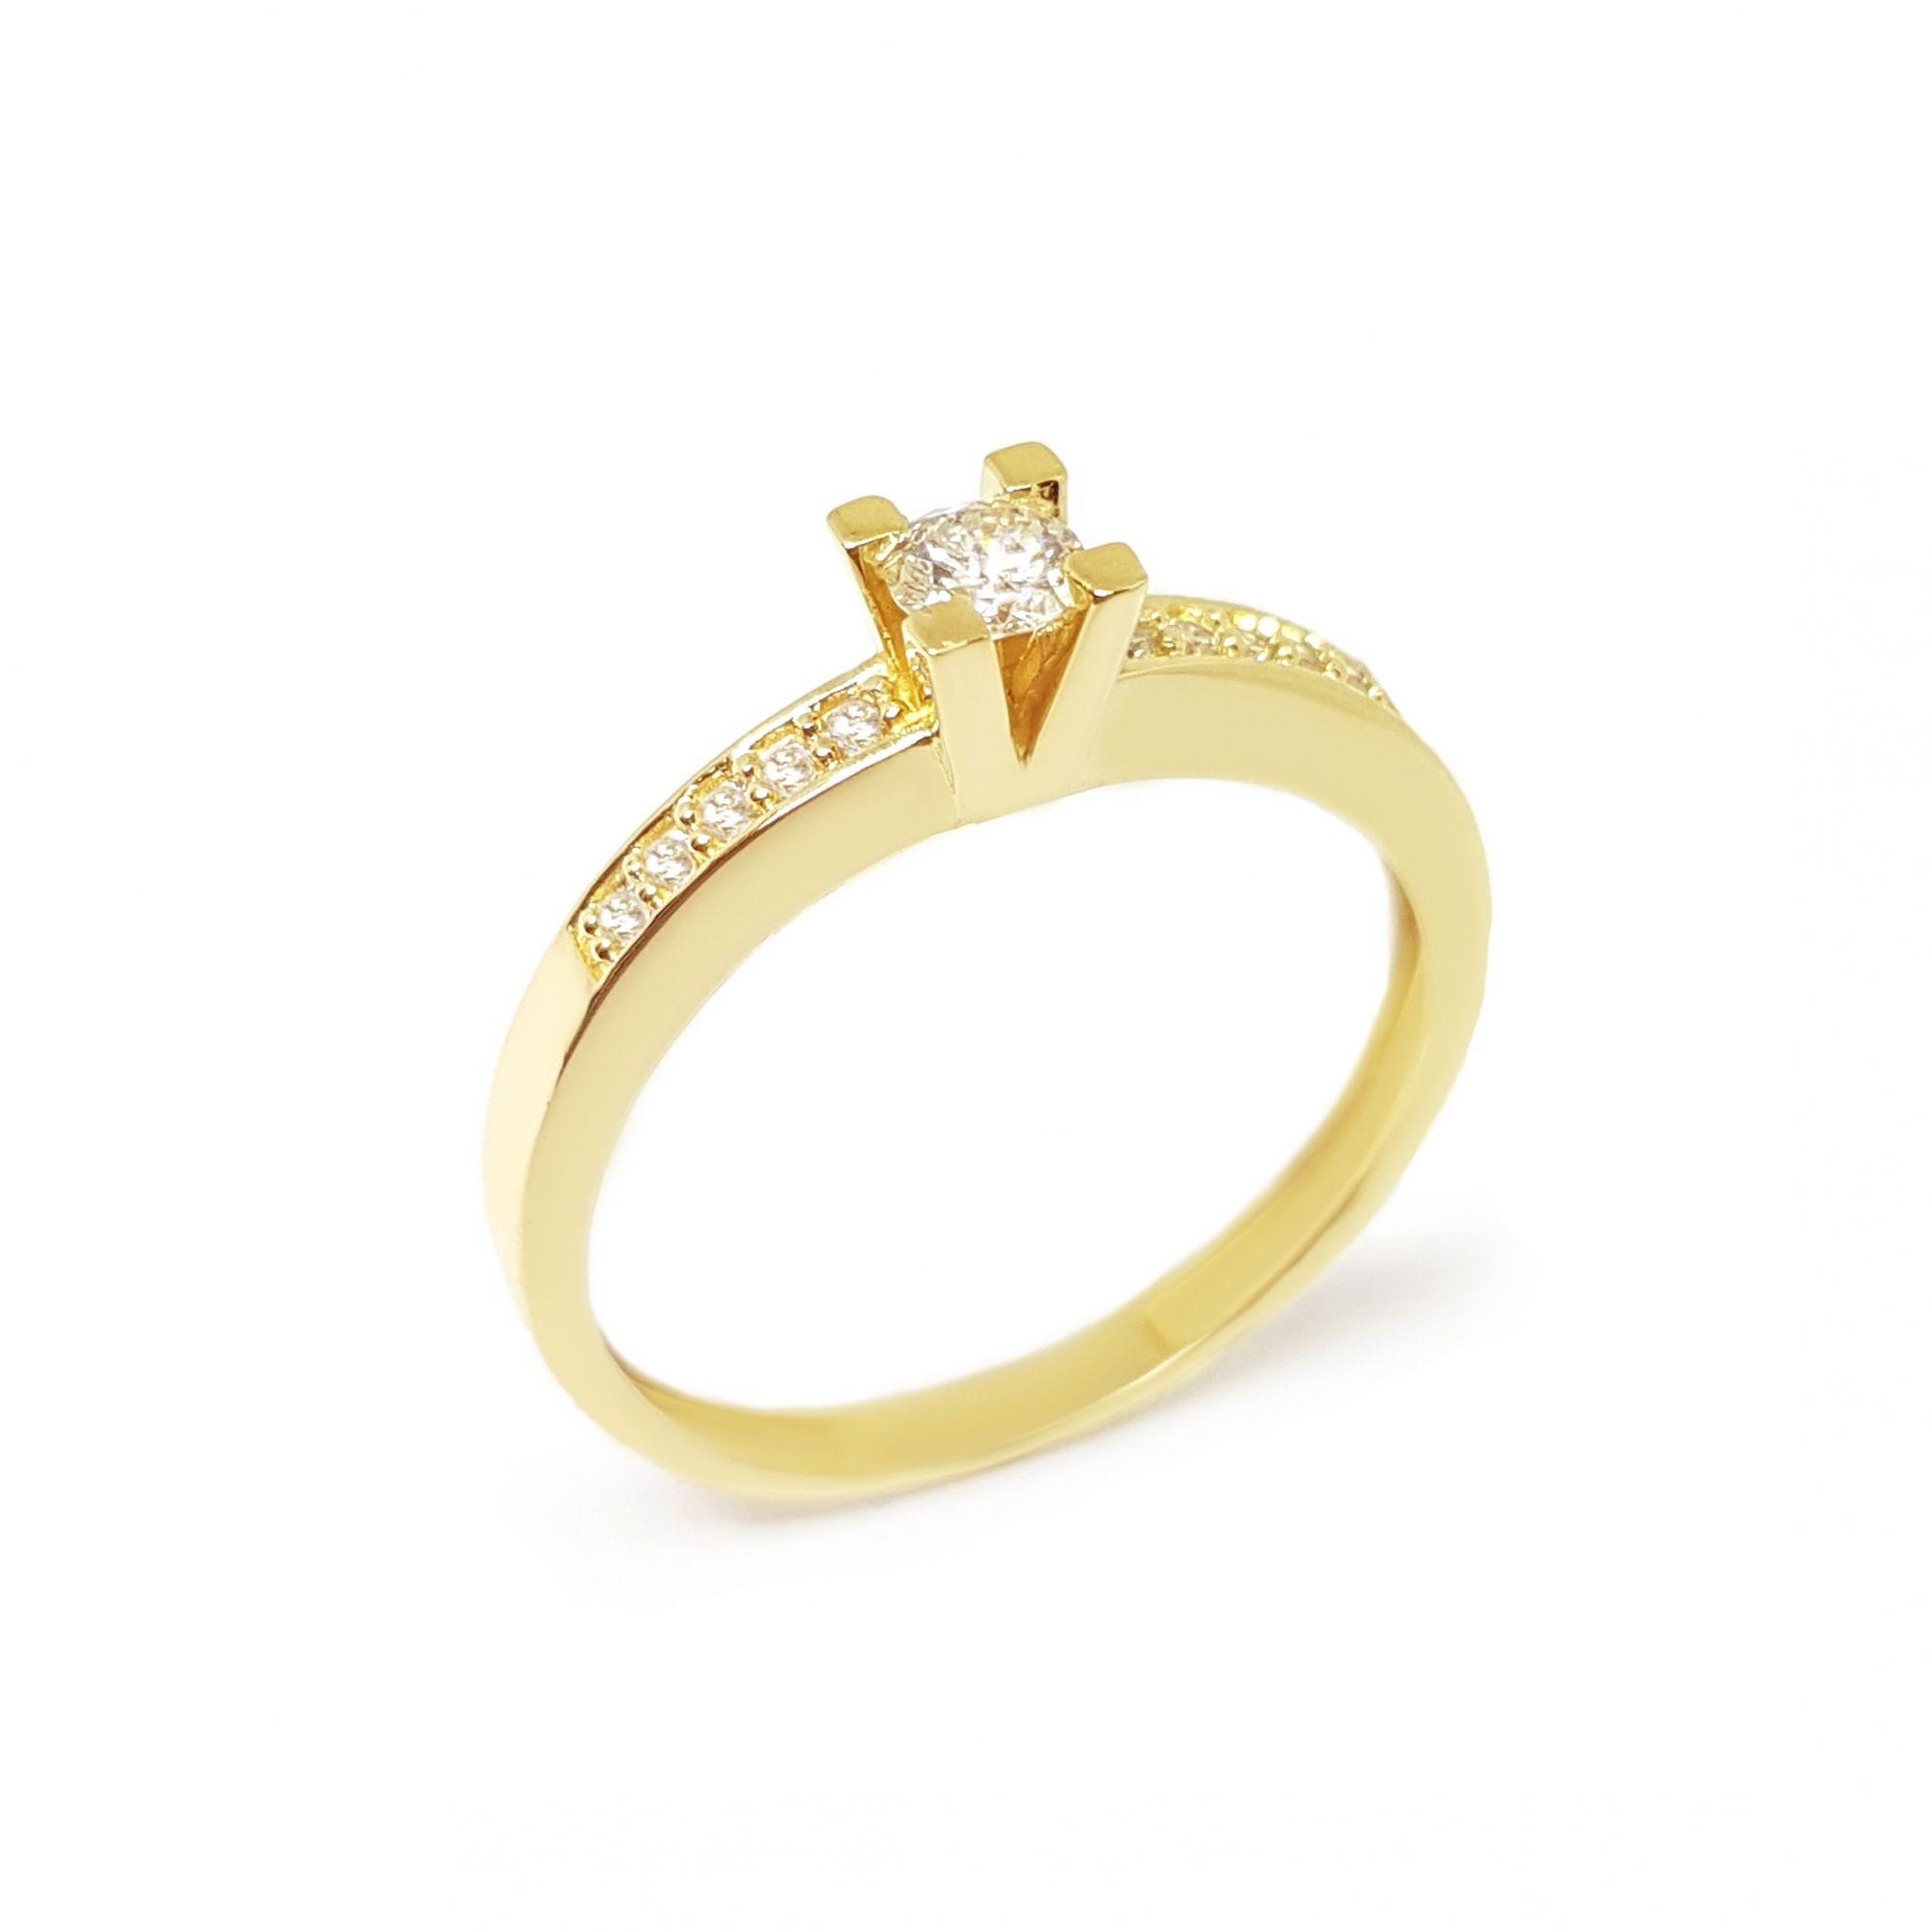 6af23c1b0e5a8 ... Anel Solitário Ouro 18k com Diamantes e Diamante Central de 16 pontos  ...